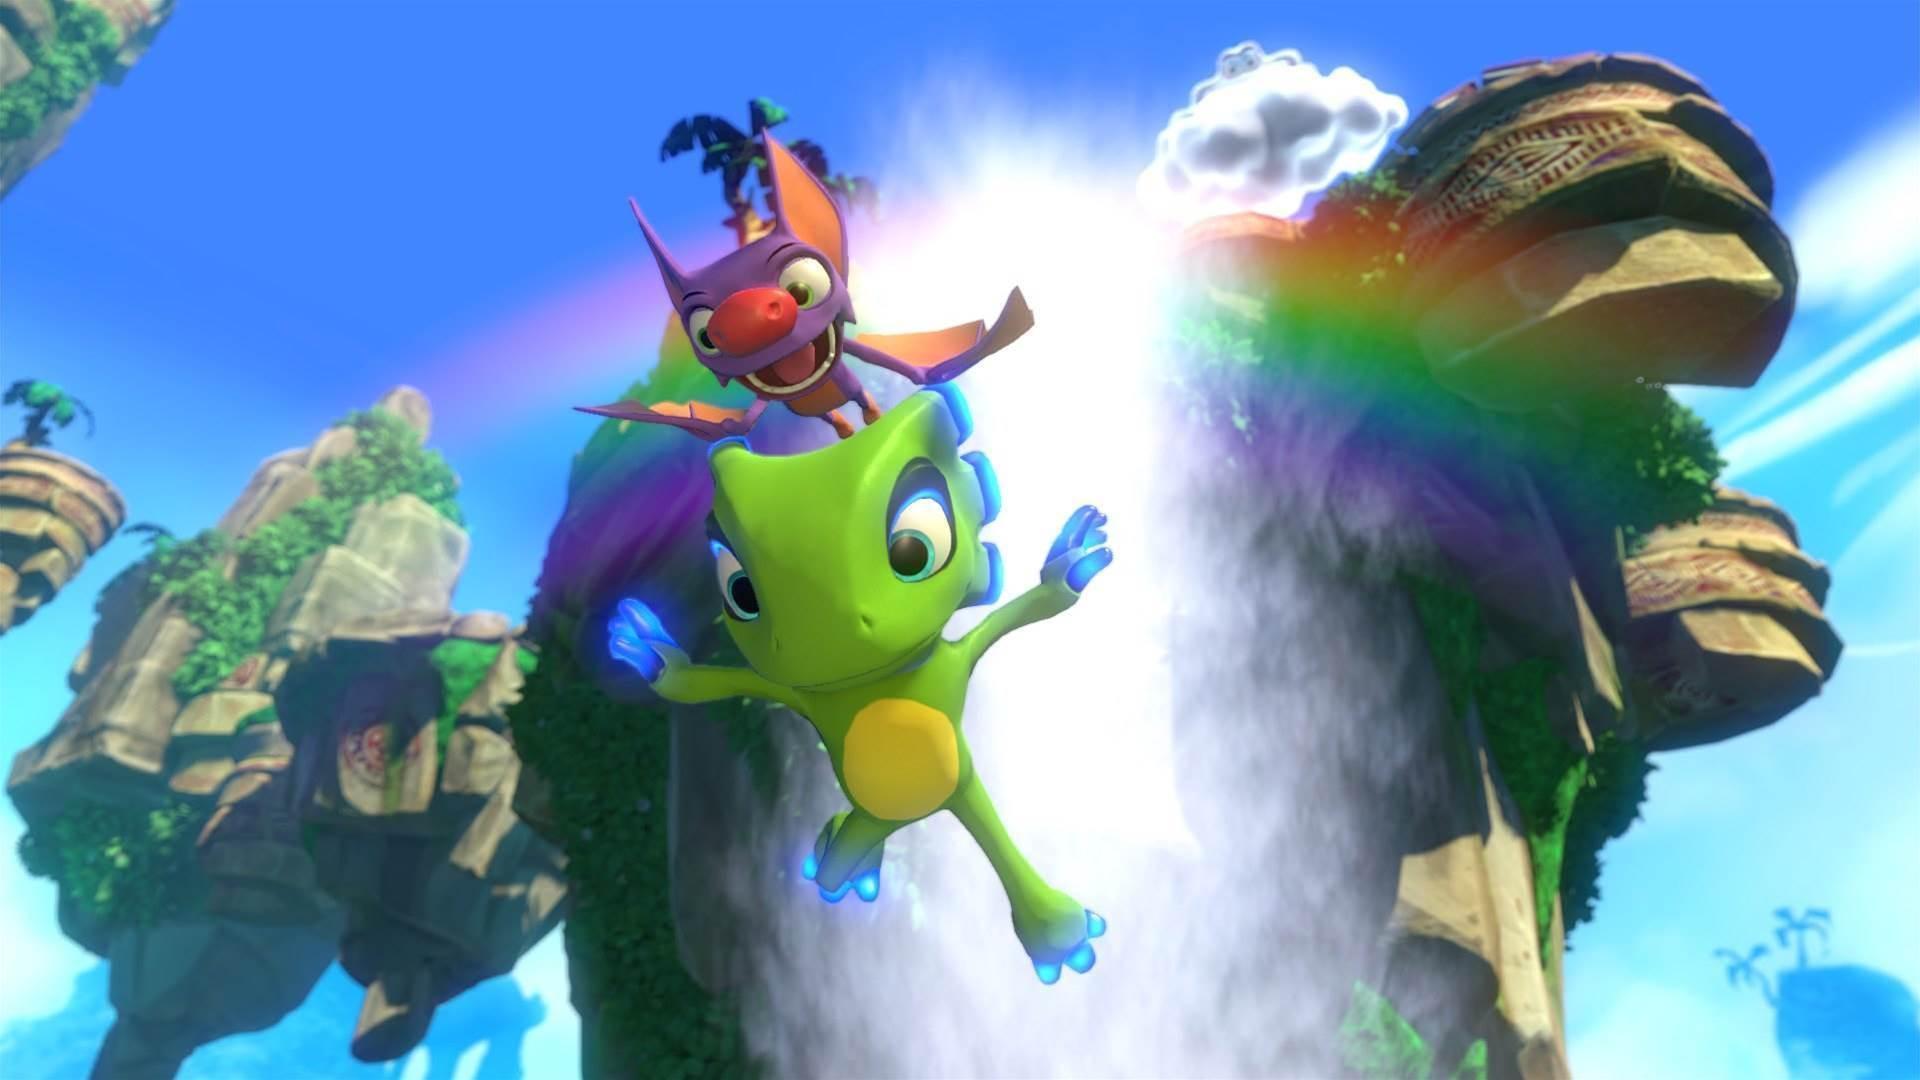 Ultra-colourful Yooka-Laylee screenshots